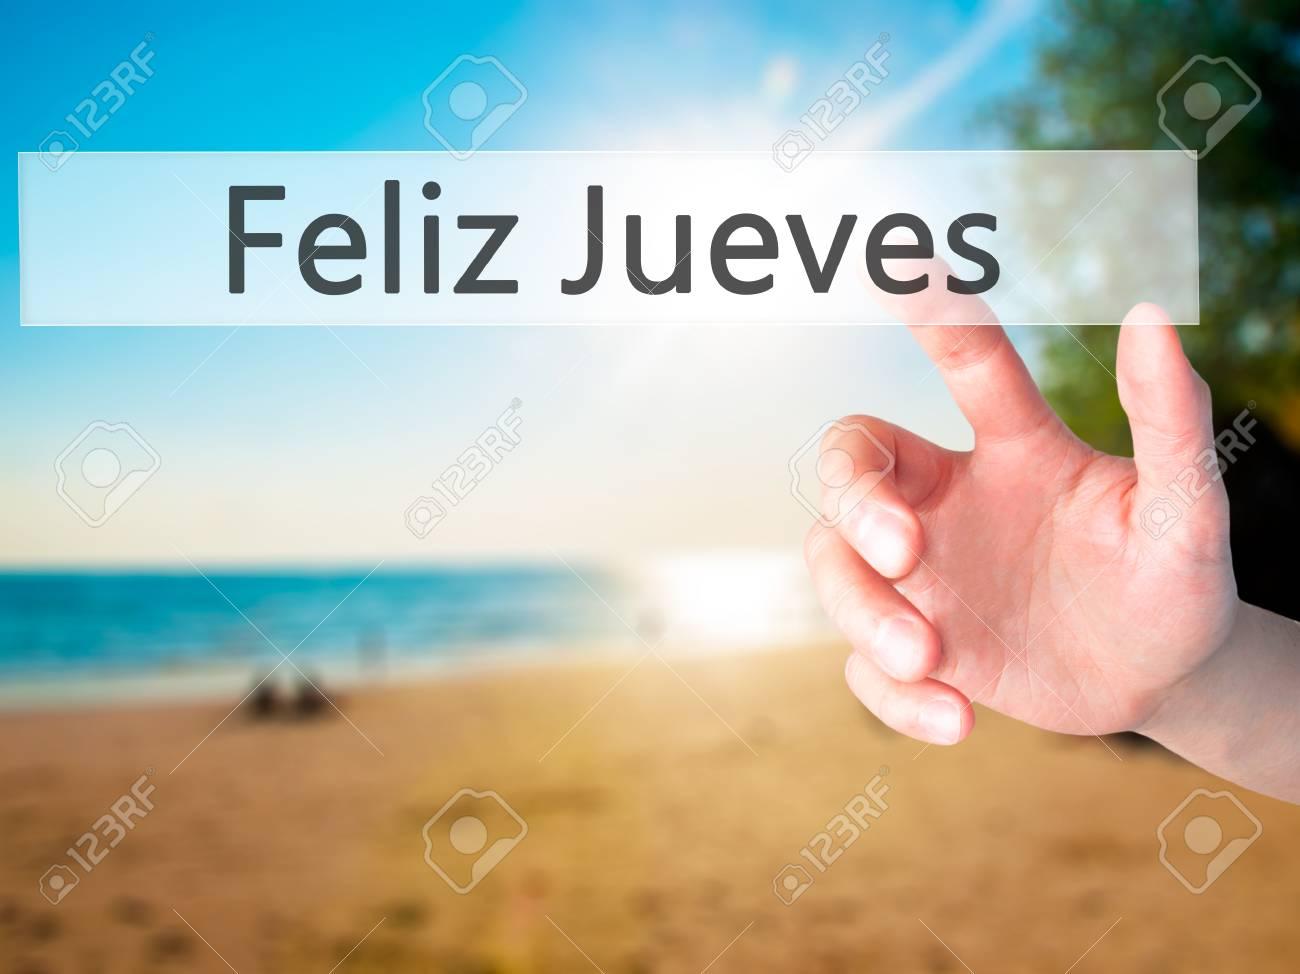 Feliz Jueves Glücklicher Donnerstag Auf Spanisch Hand Die Einen